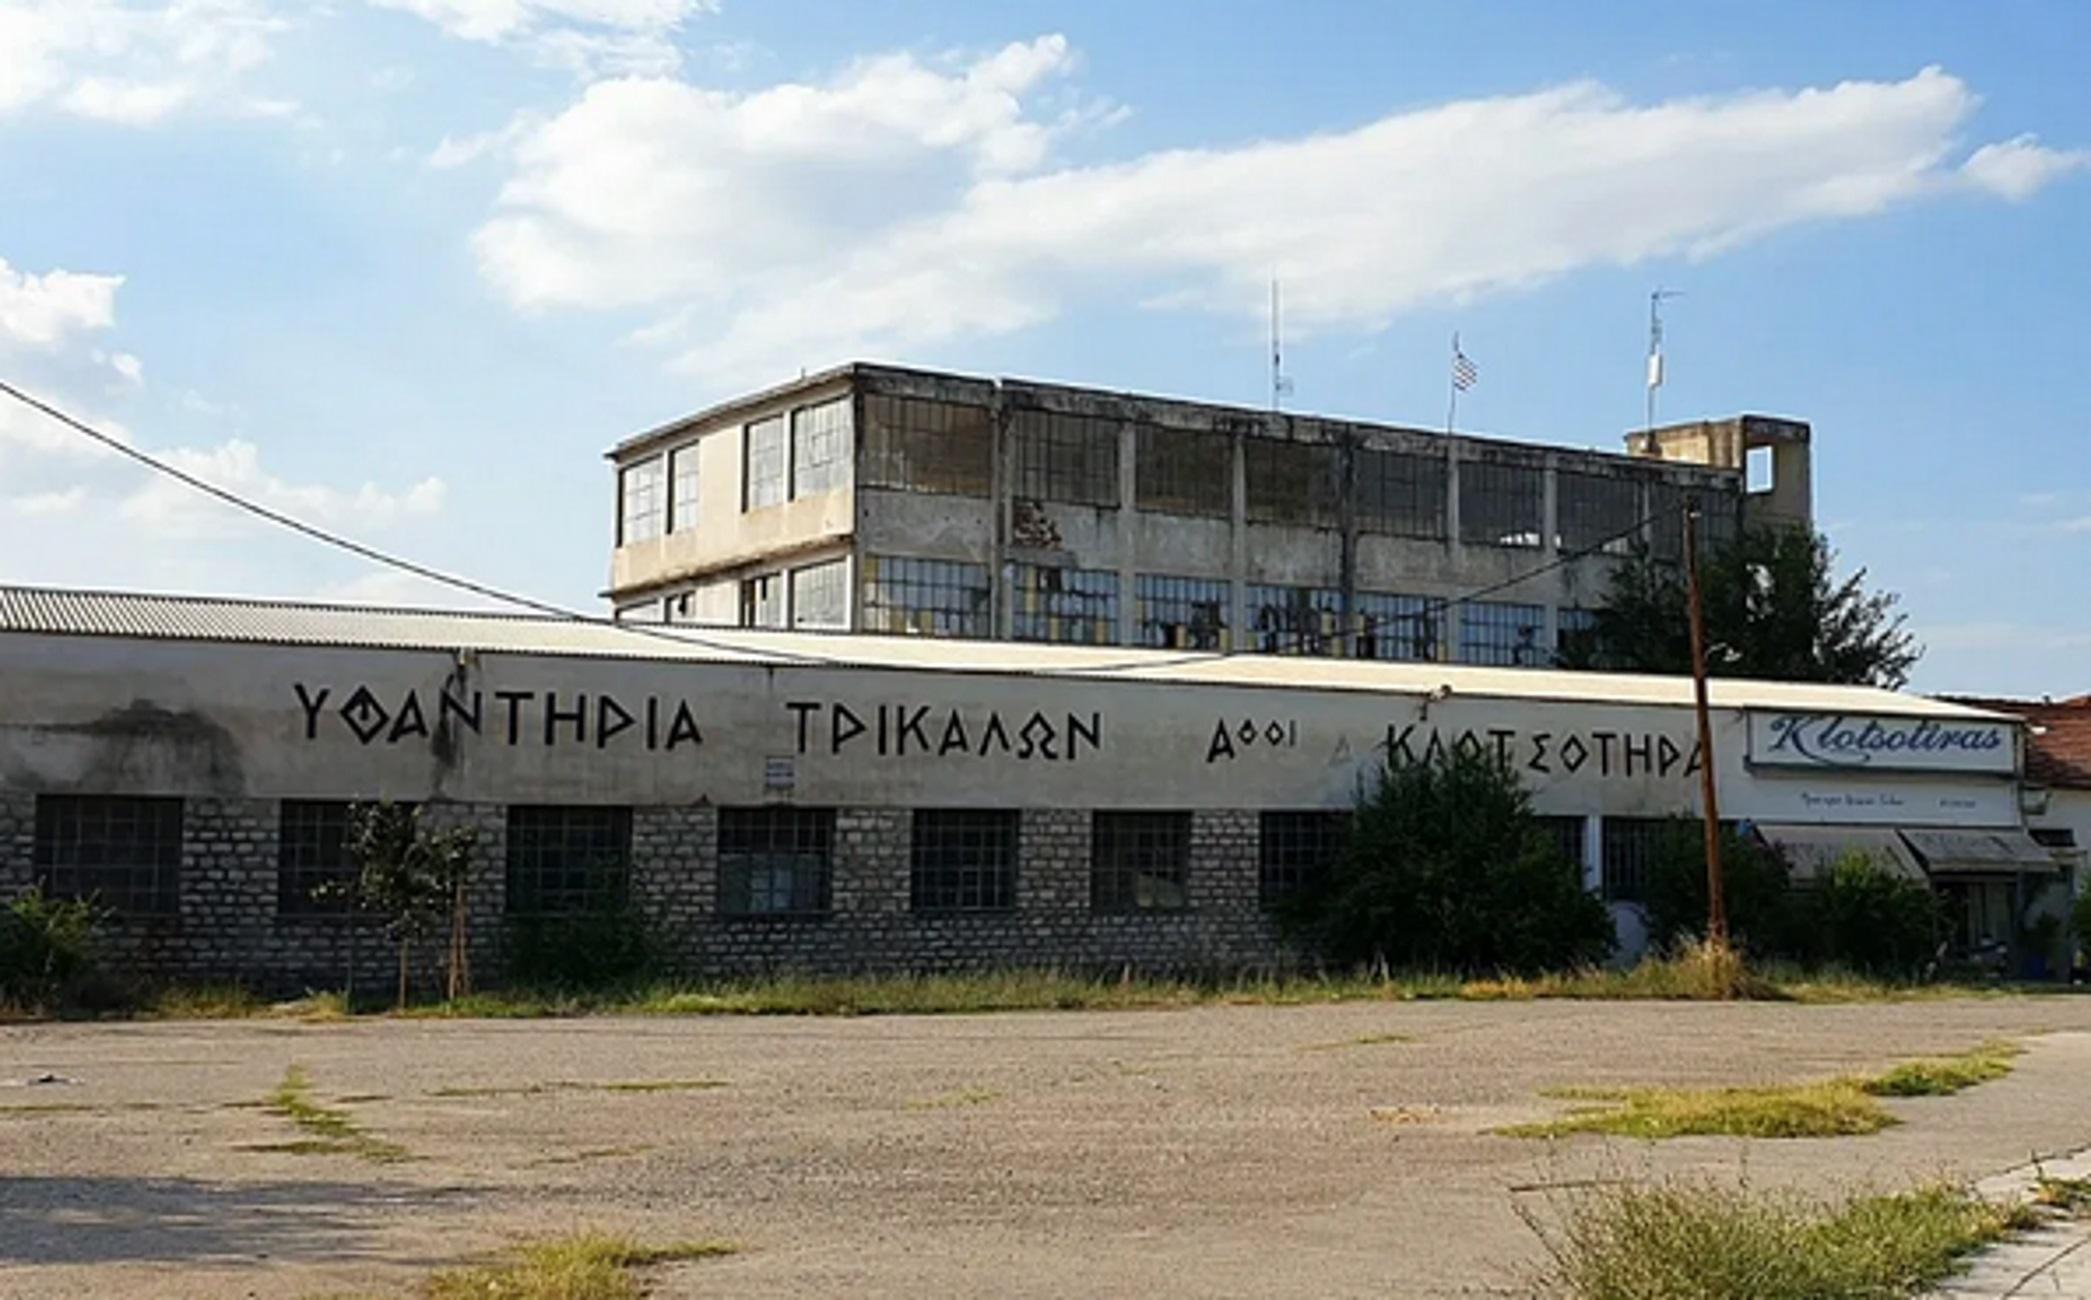 Τρίκαλα: Τέλος εποχής με κατεδάφιση ιστορικού εργοστασίου! Οι μέρες δόξας και το σχέδιο για την επόμενη μέρα (Φωτό)